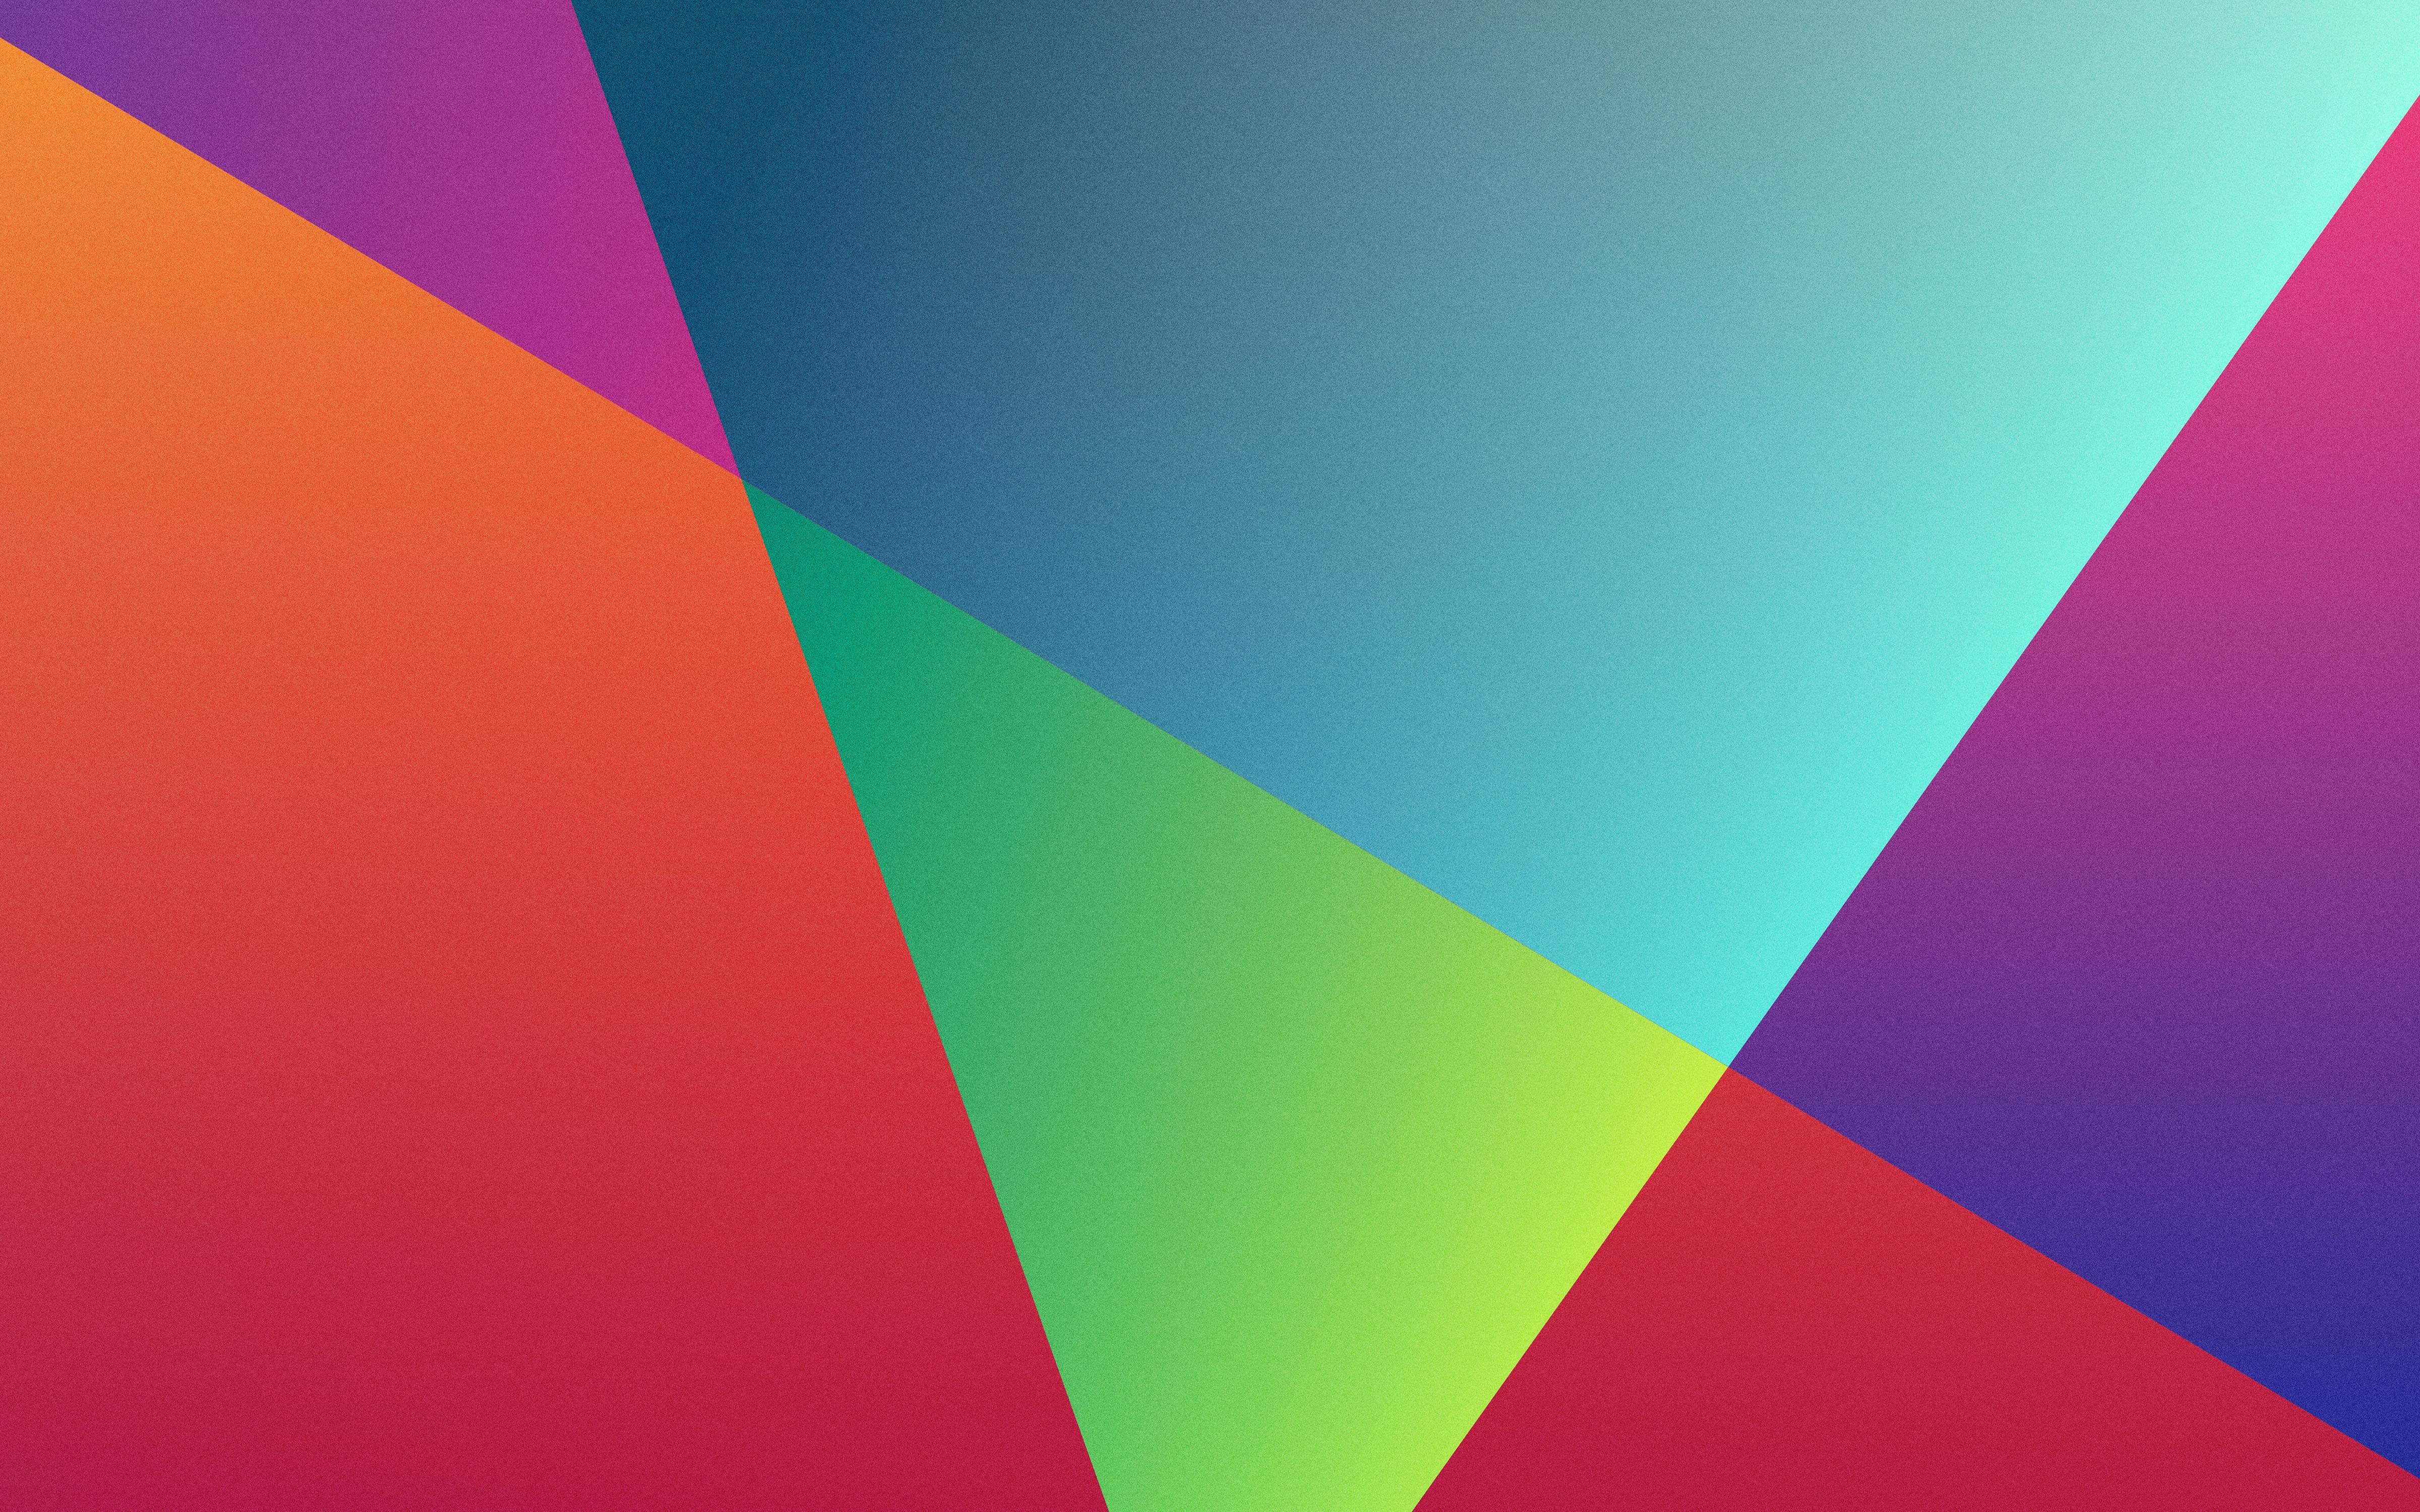 vector art desktop wallpaper - photo #41